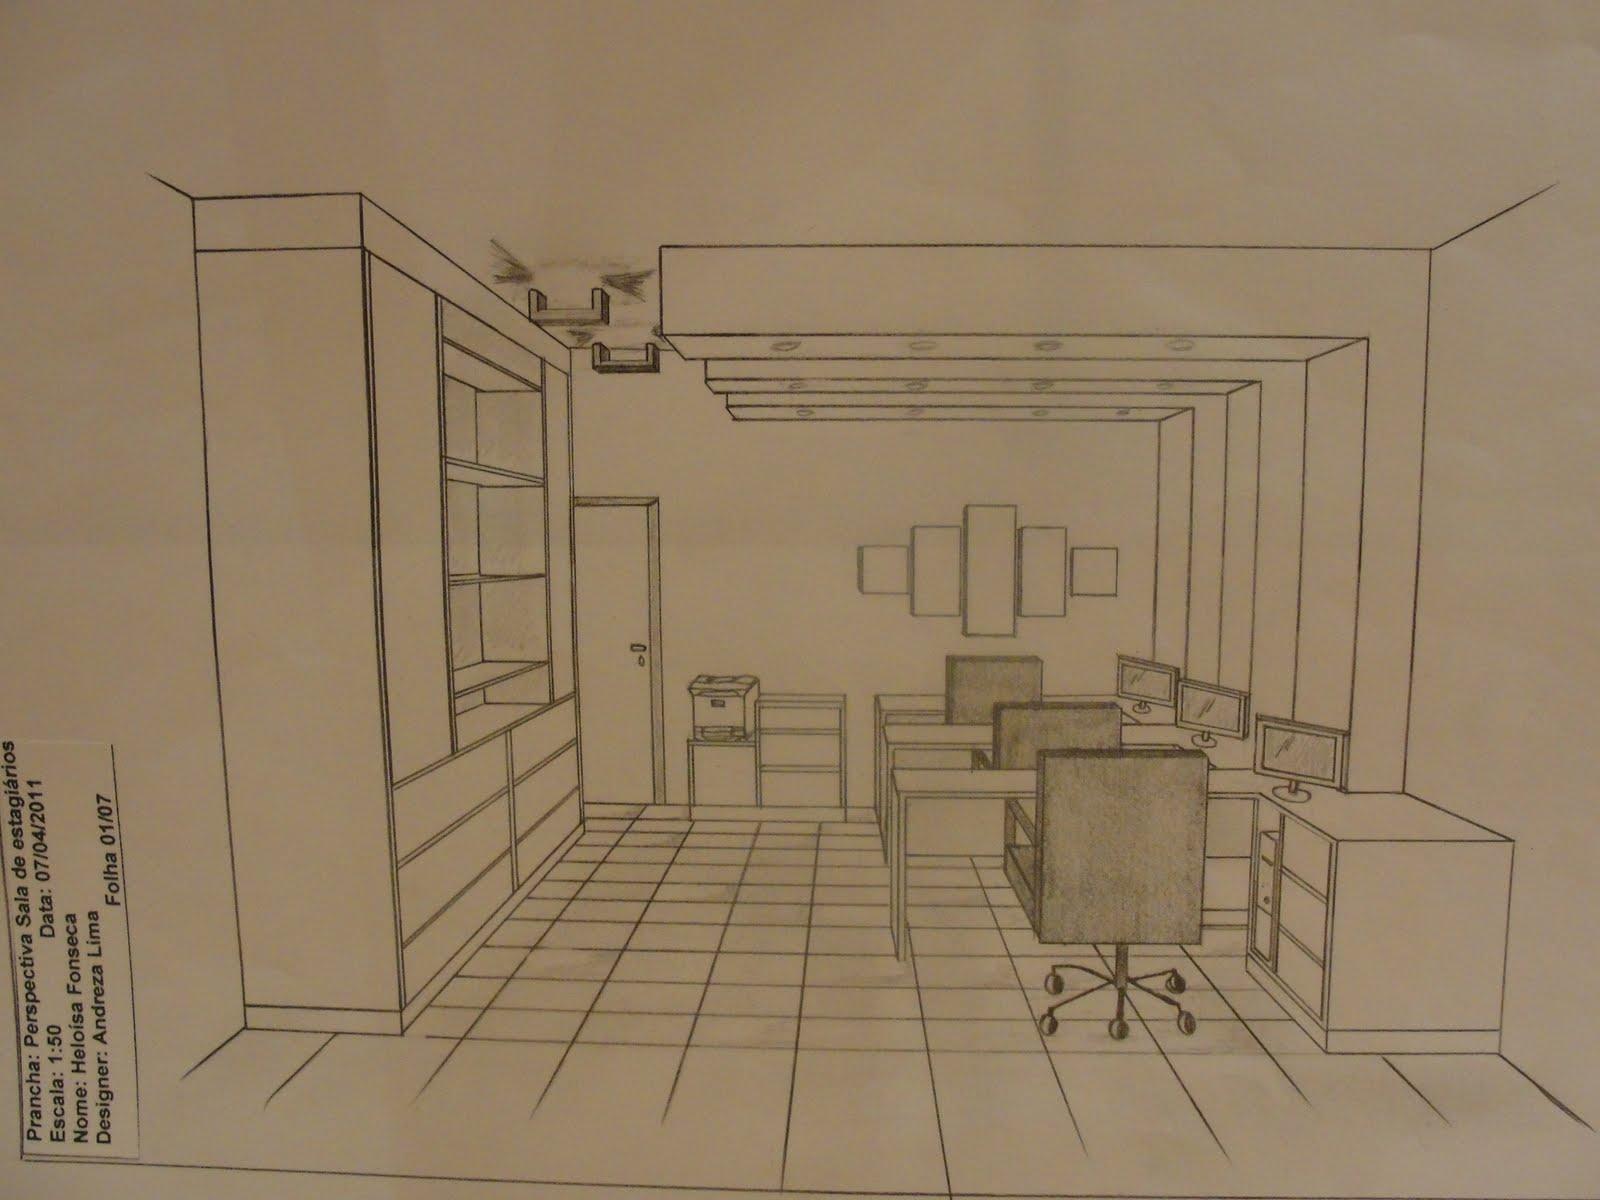 pelos alunos Senac Design de Interiores II módulo 2011 #5F4E38 1600x1200